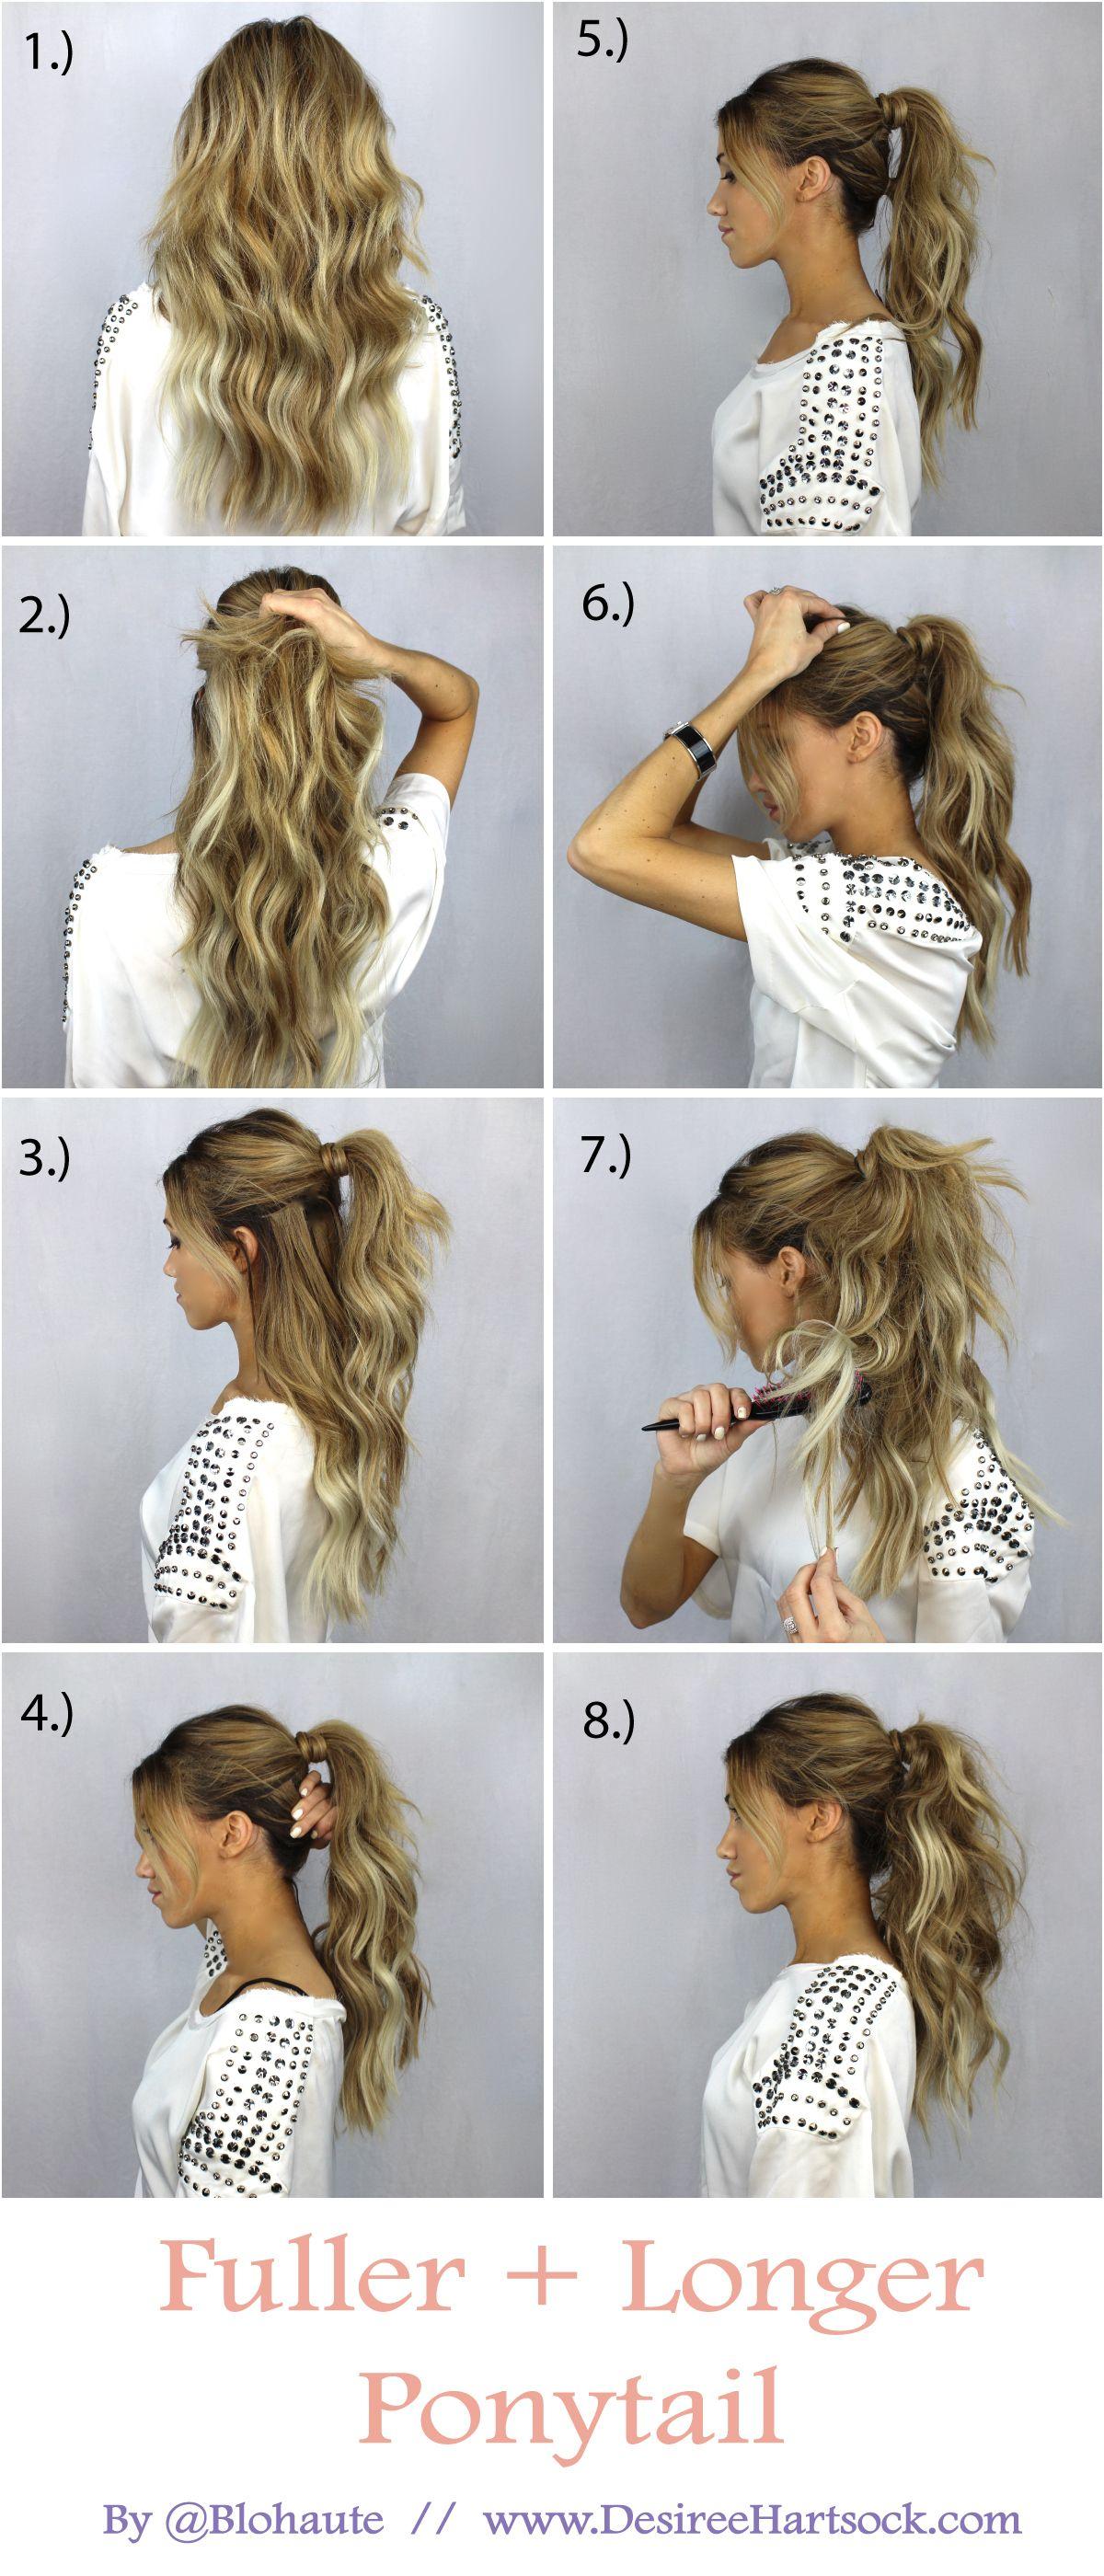 12 Original Easy Hairstyles For Long Thin Hair Style Easy Hairstyles Long Thin Hair Hairstyles For Thin Hair